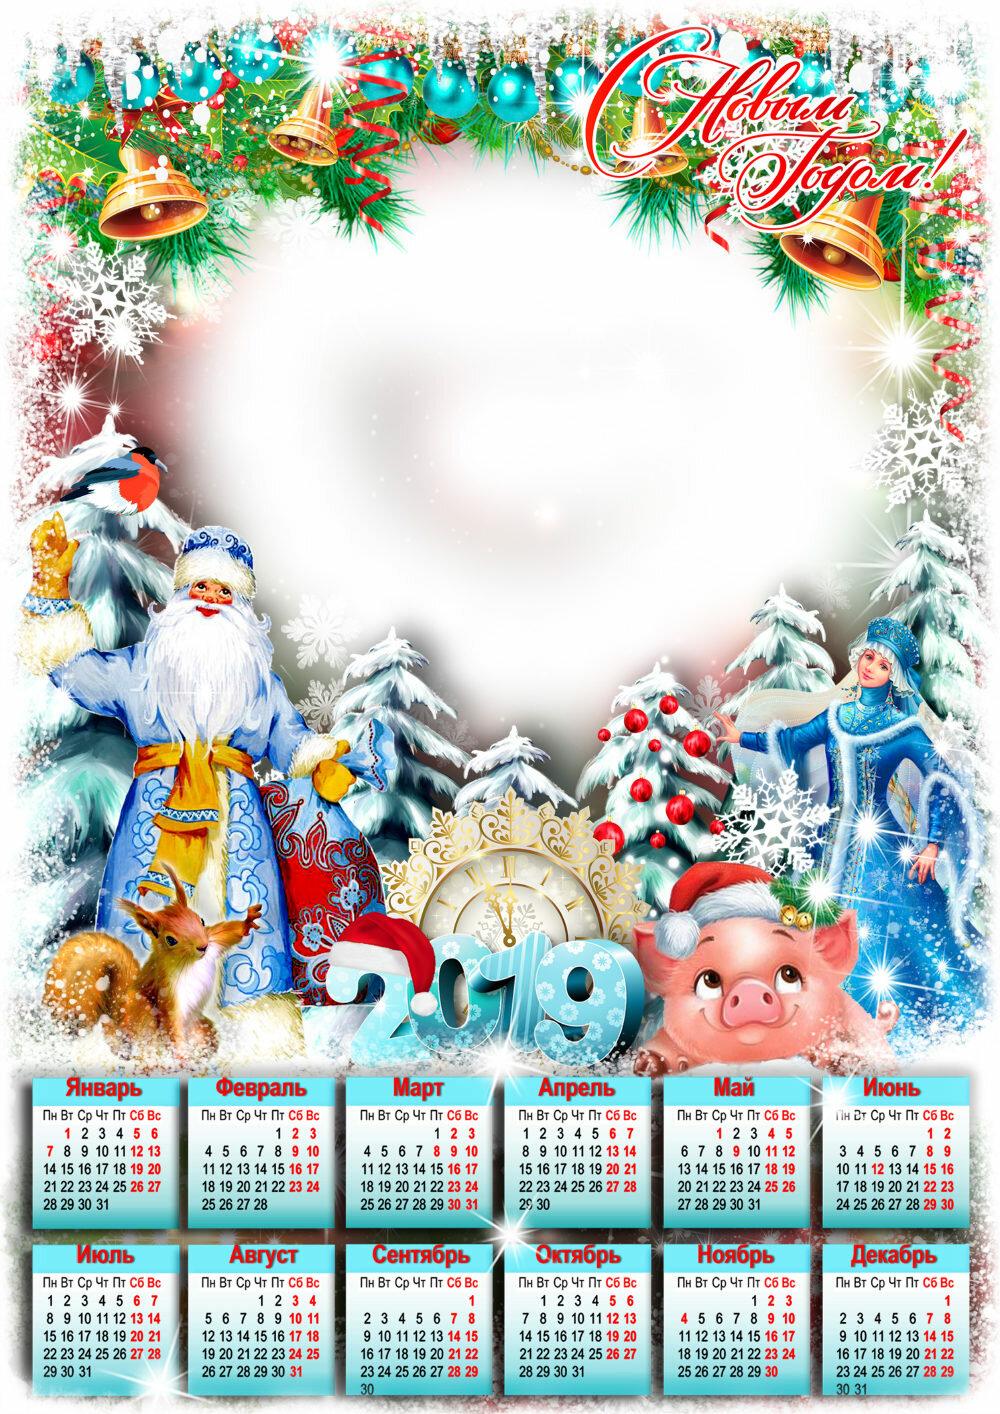 форма картинка новогодний календарь на прозрачном фоне количество людей, занимающихся